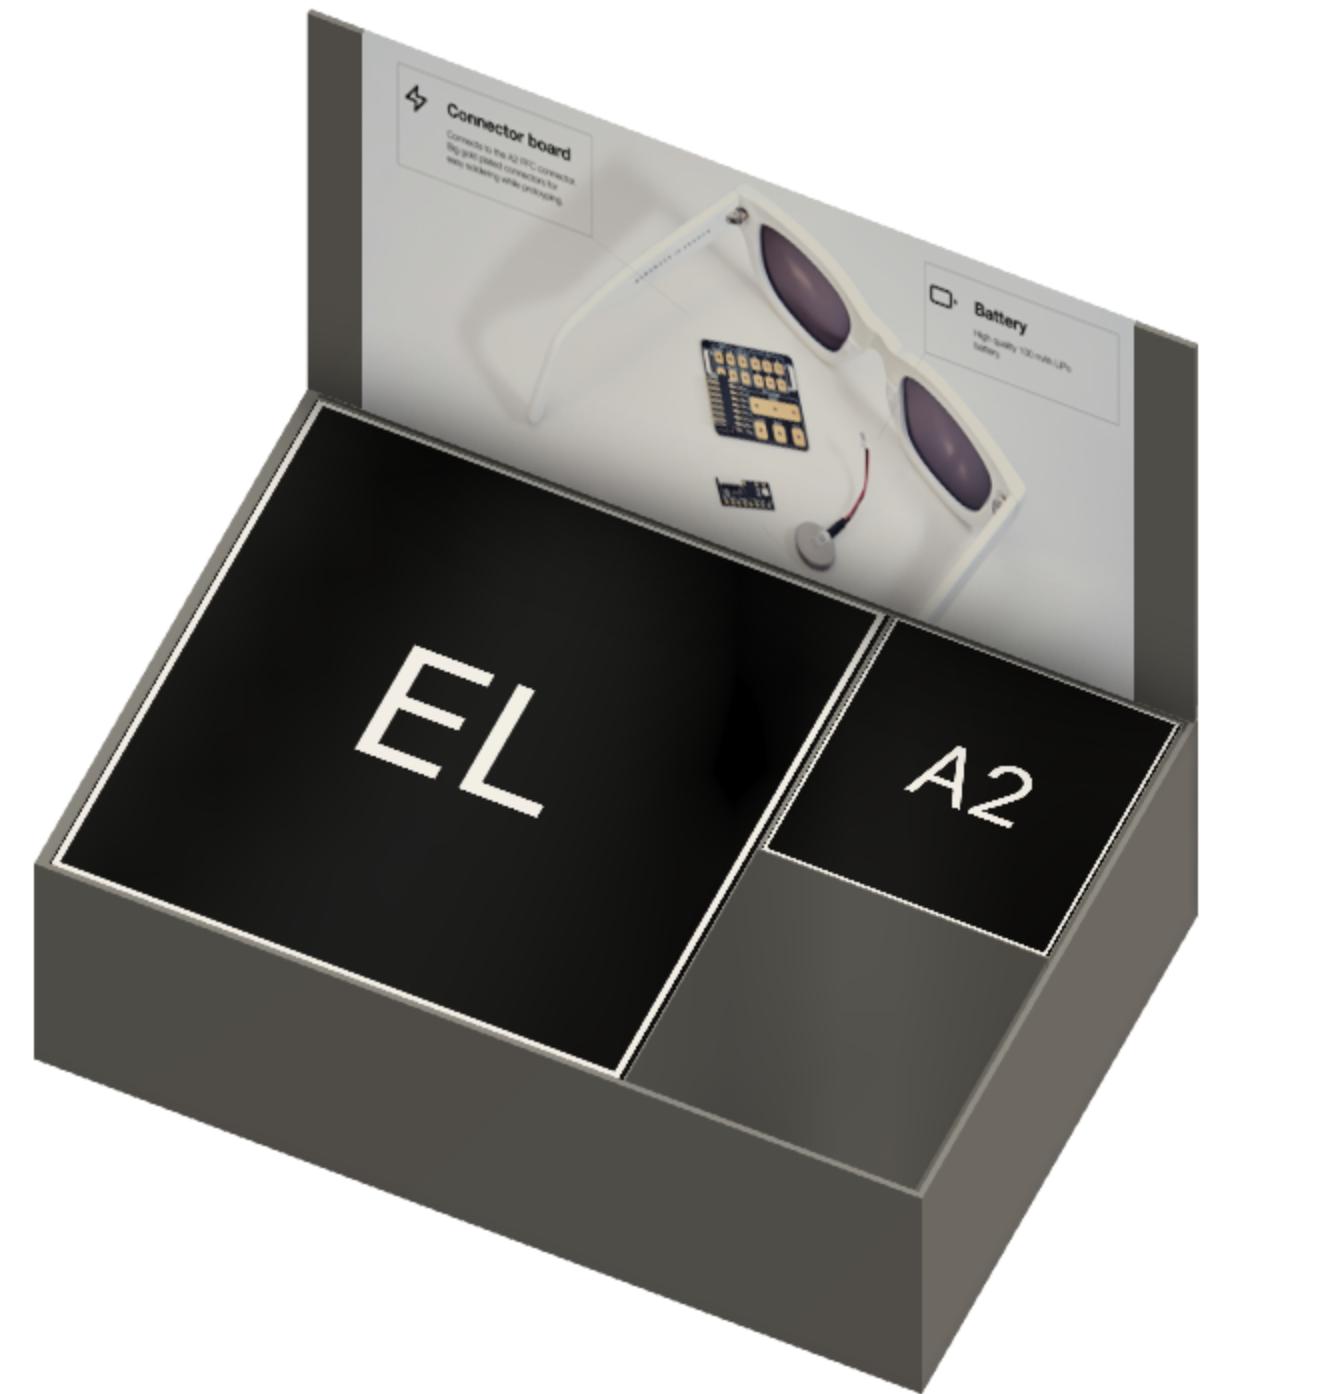 Automat-Box 1